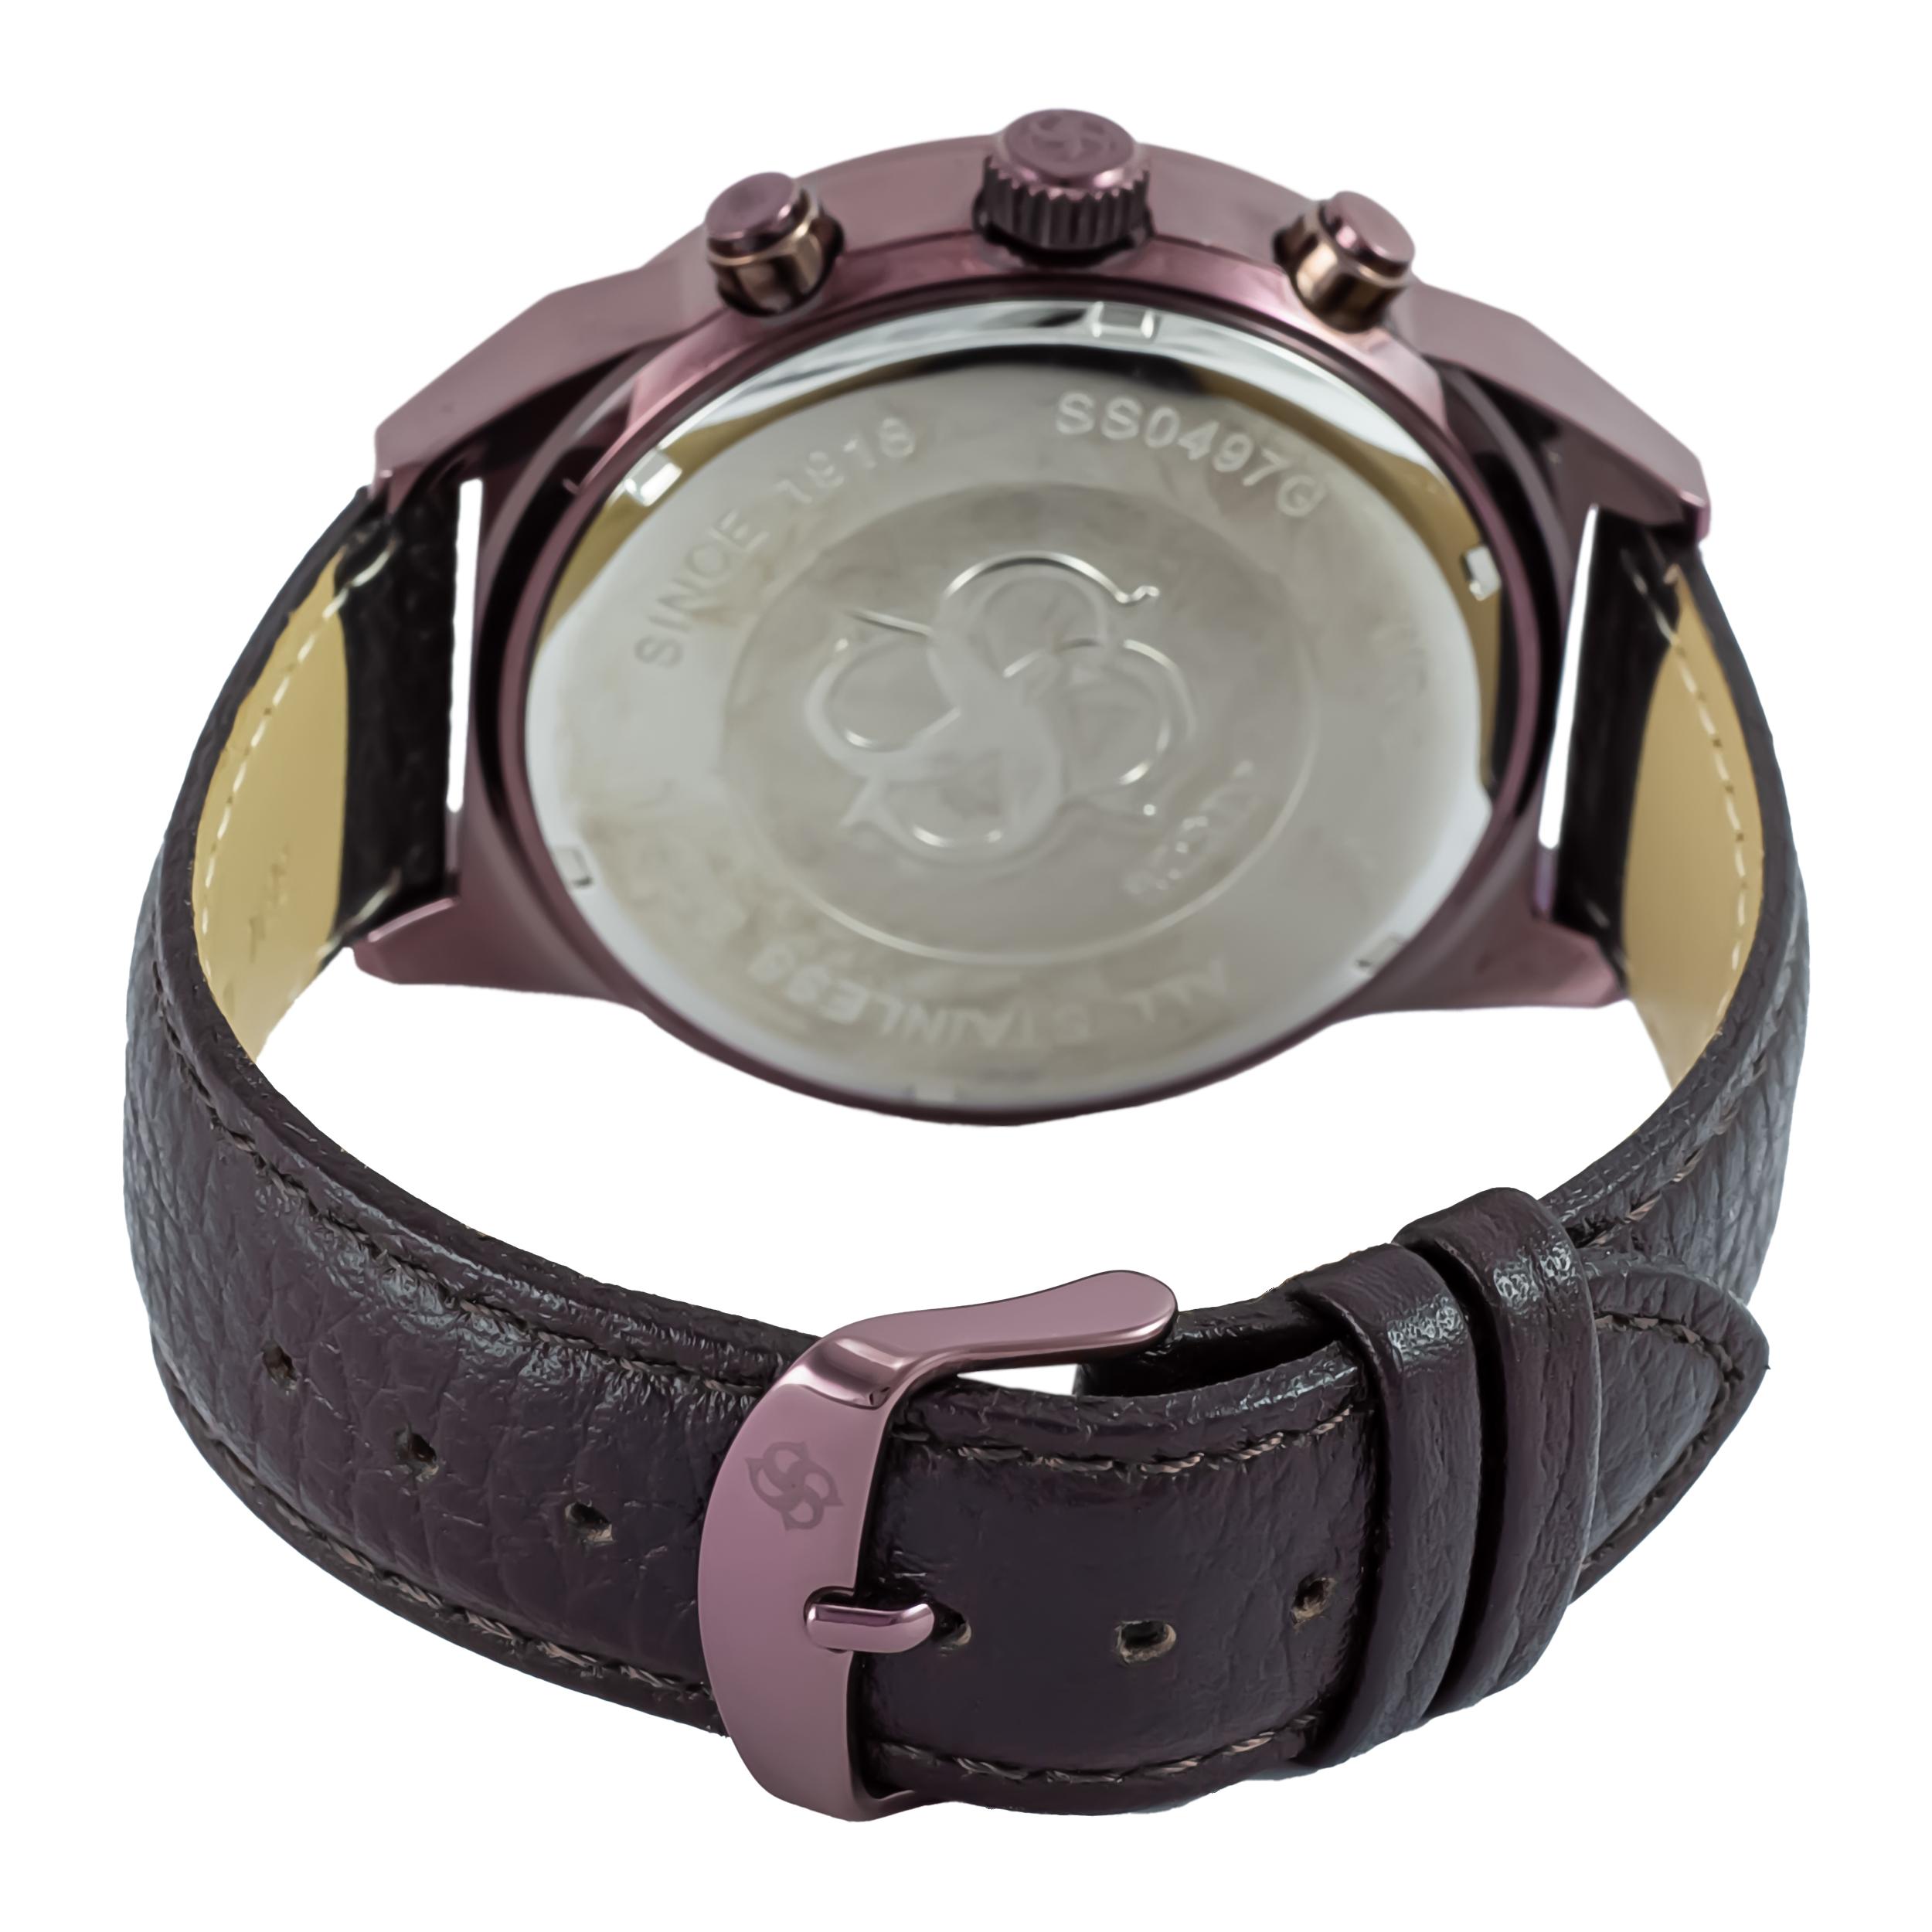 ساعت مچی  مردانه سورین مدل SS0597GB              اصل